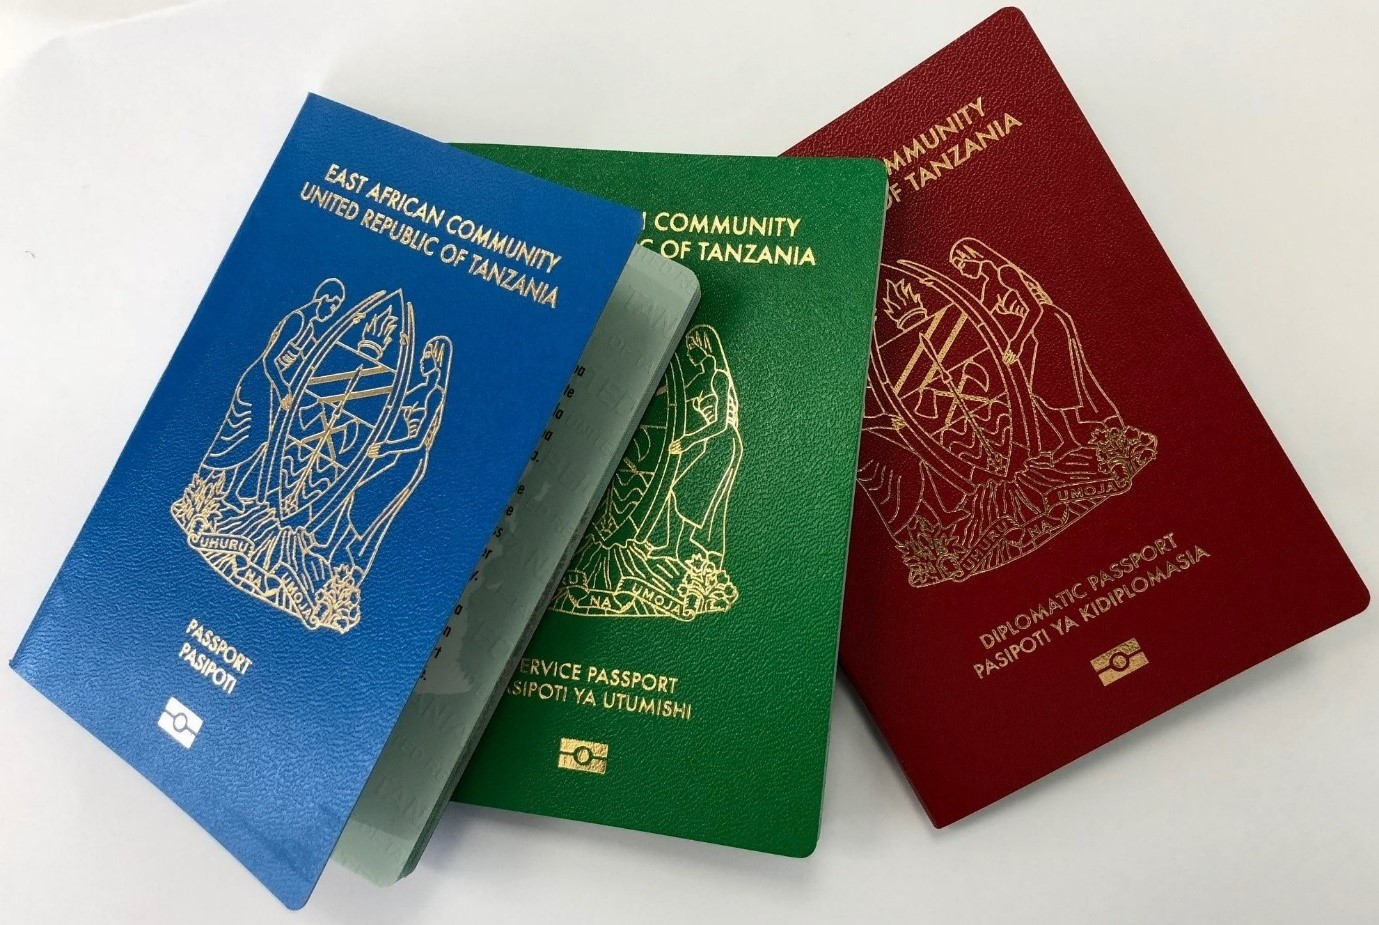 New Tanzanian e-passport